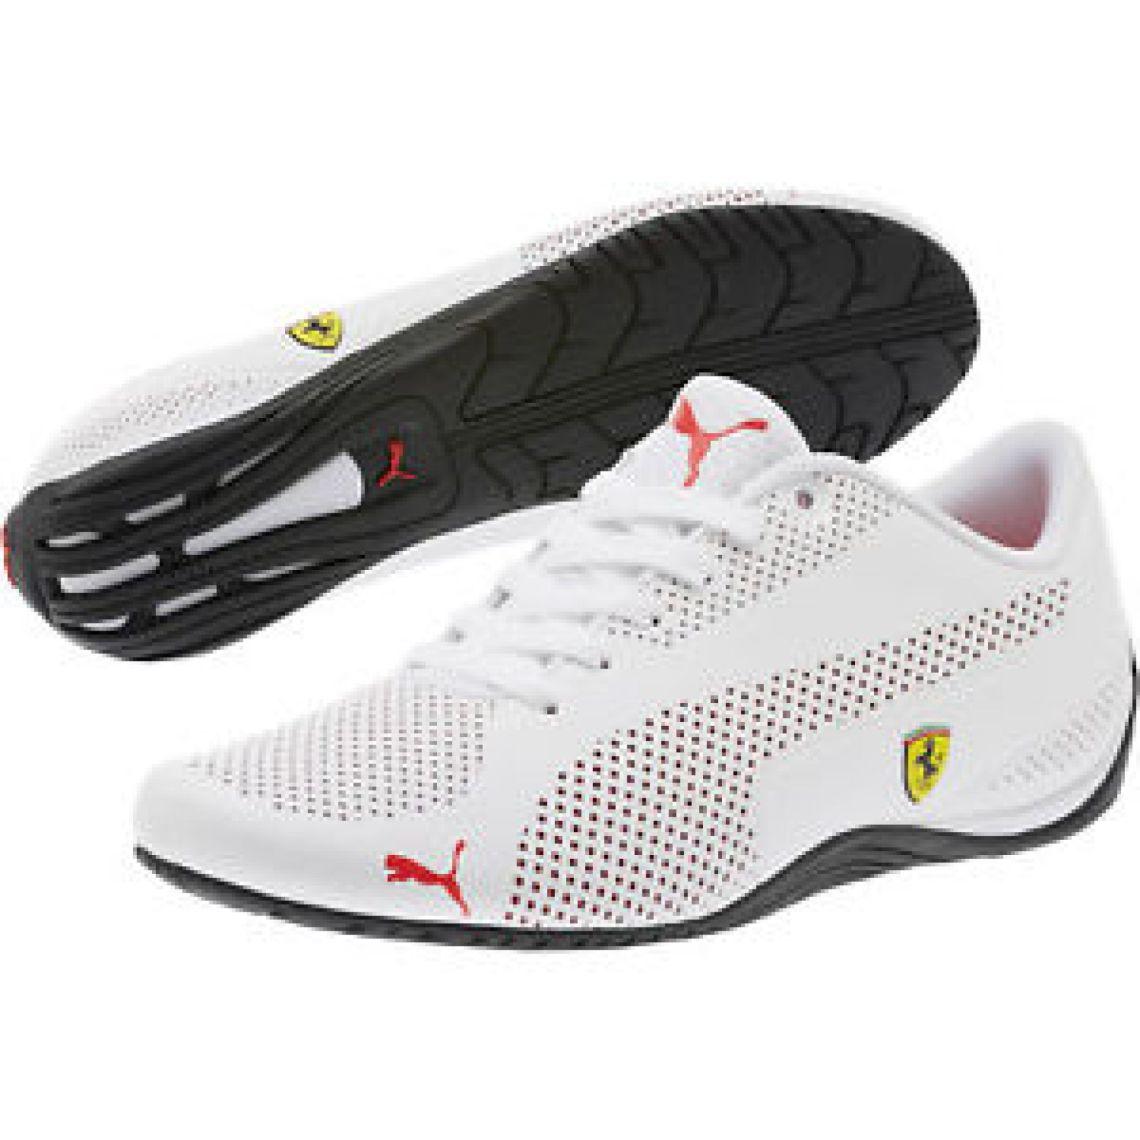 PUMA Ferrari Drift Cat 5 Ultra Sneakers Men Shoe Auto New | eBay